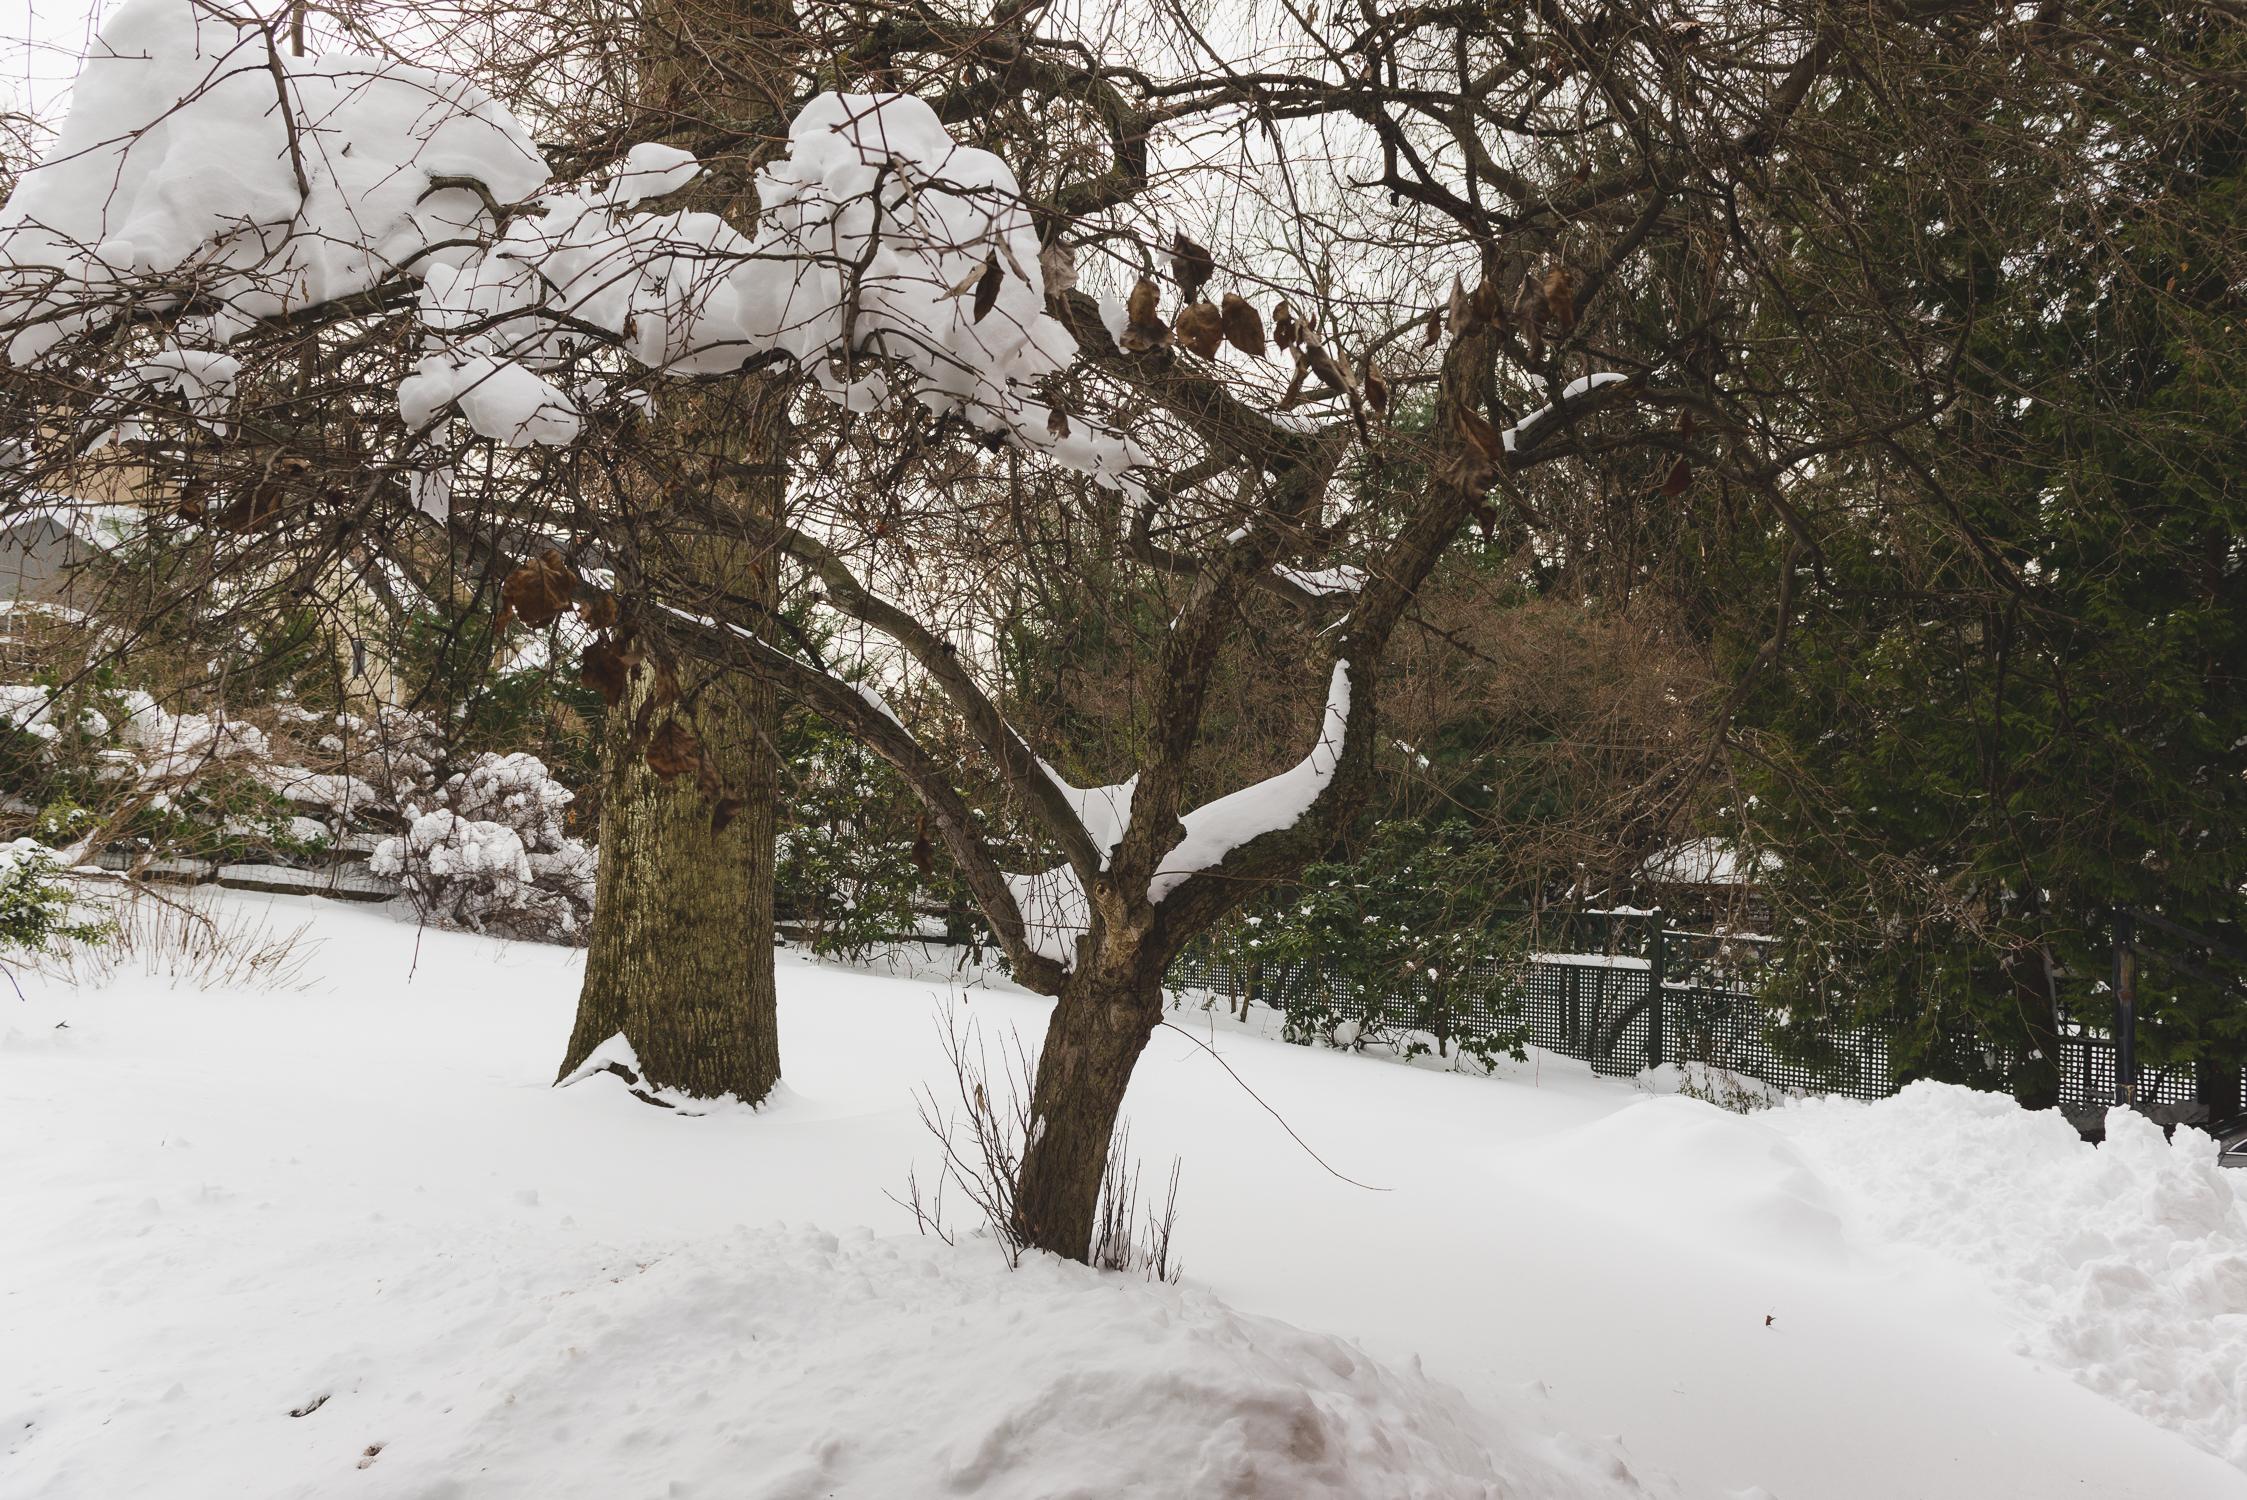 Snowy backyard. / 1/25/16 / N.J.